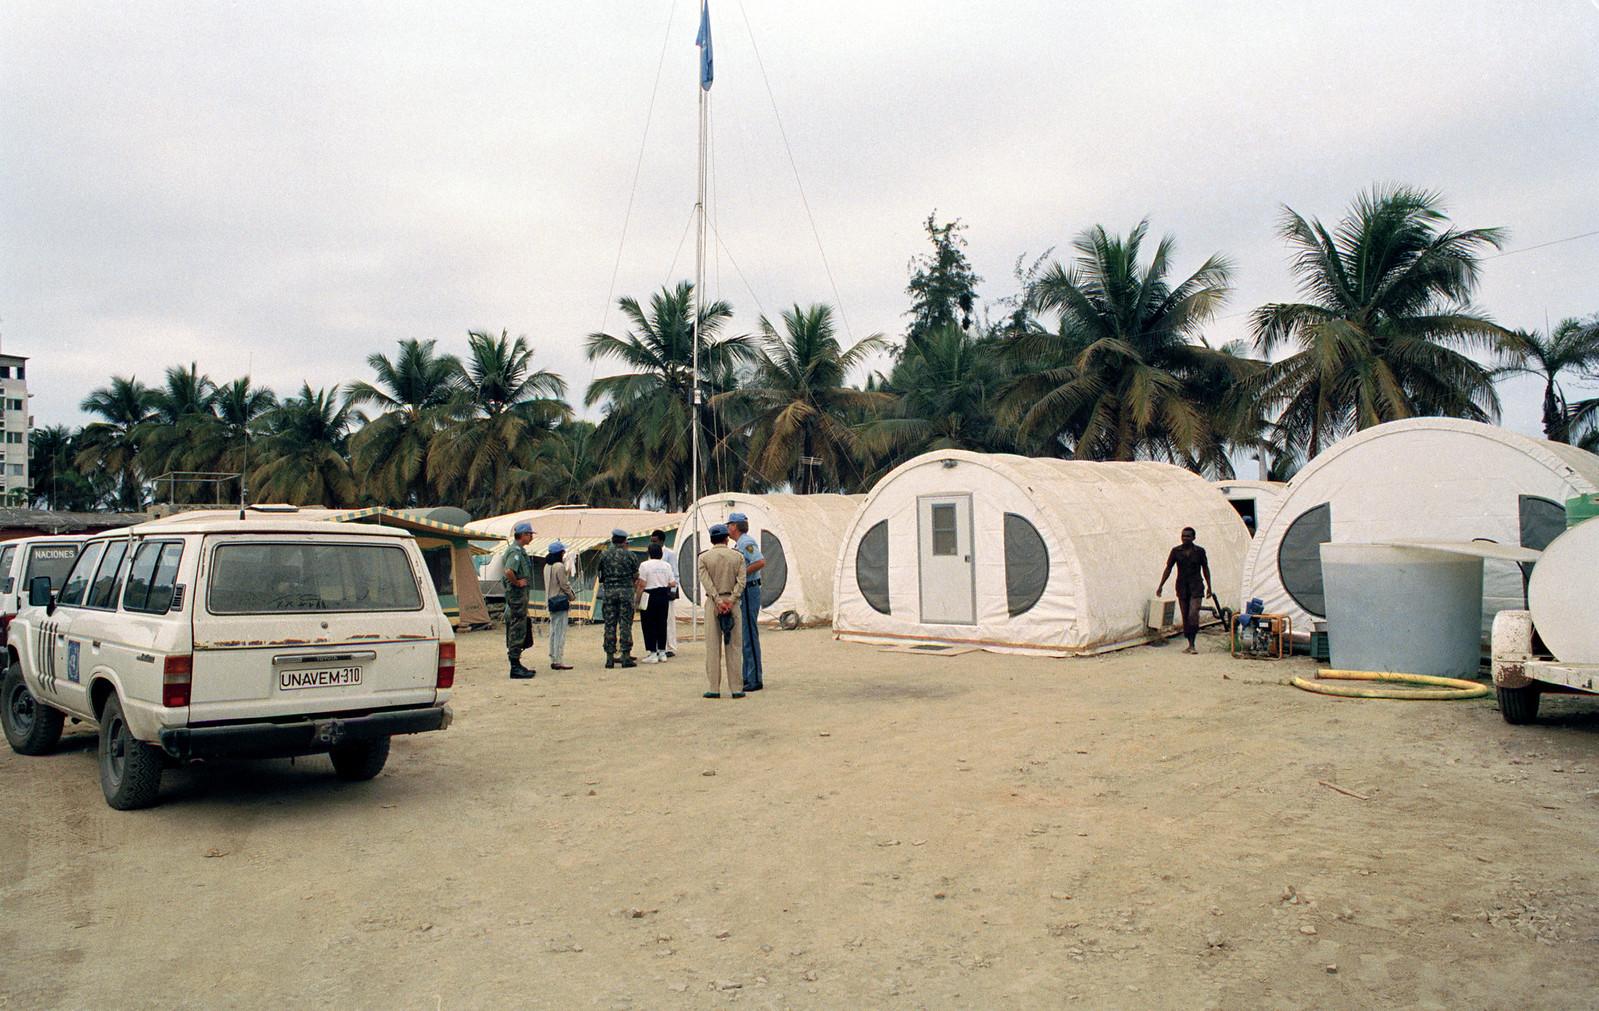 UNAVEM II, Angola (1989-99)